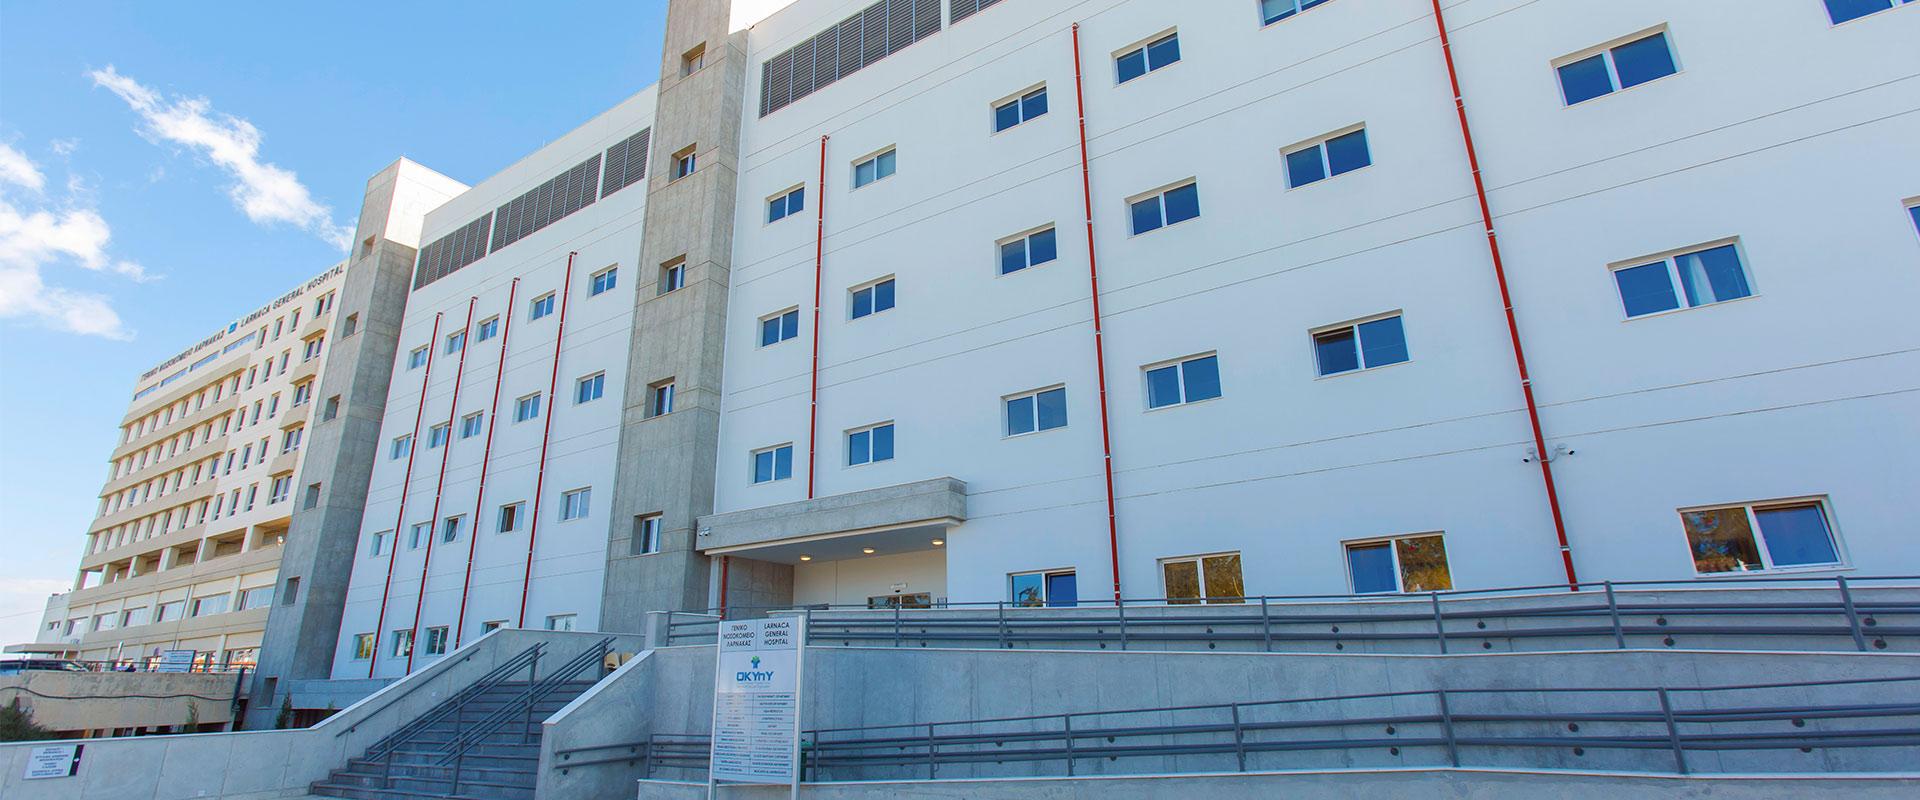 Γενικό Νοσοκομείο Λάρνακας